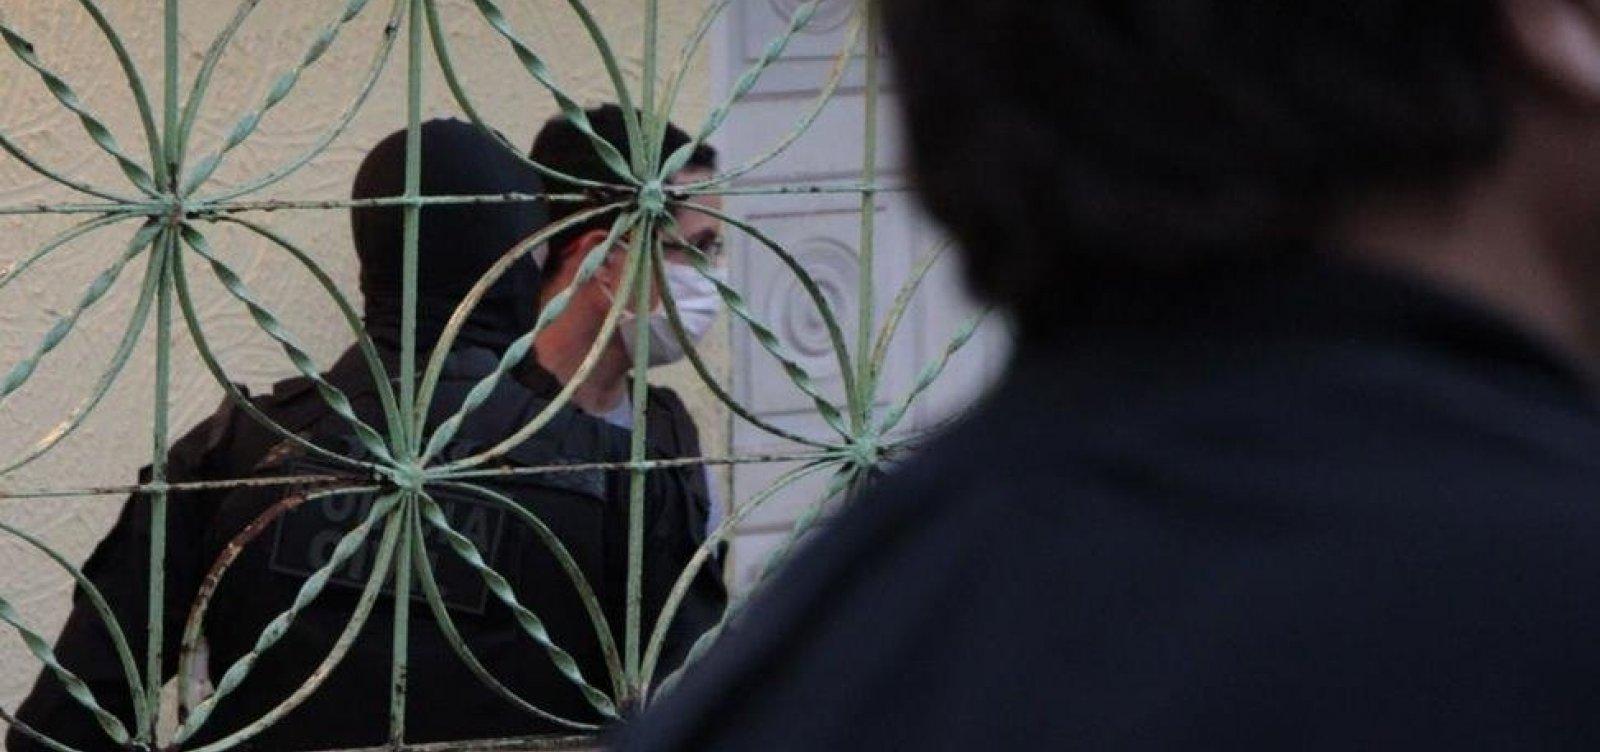 Homem que estuprou e colou olhos e boca de companheira é preso em Conceição do Coité